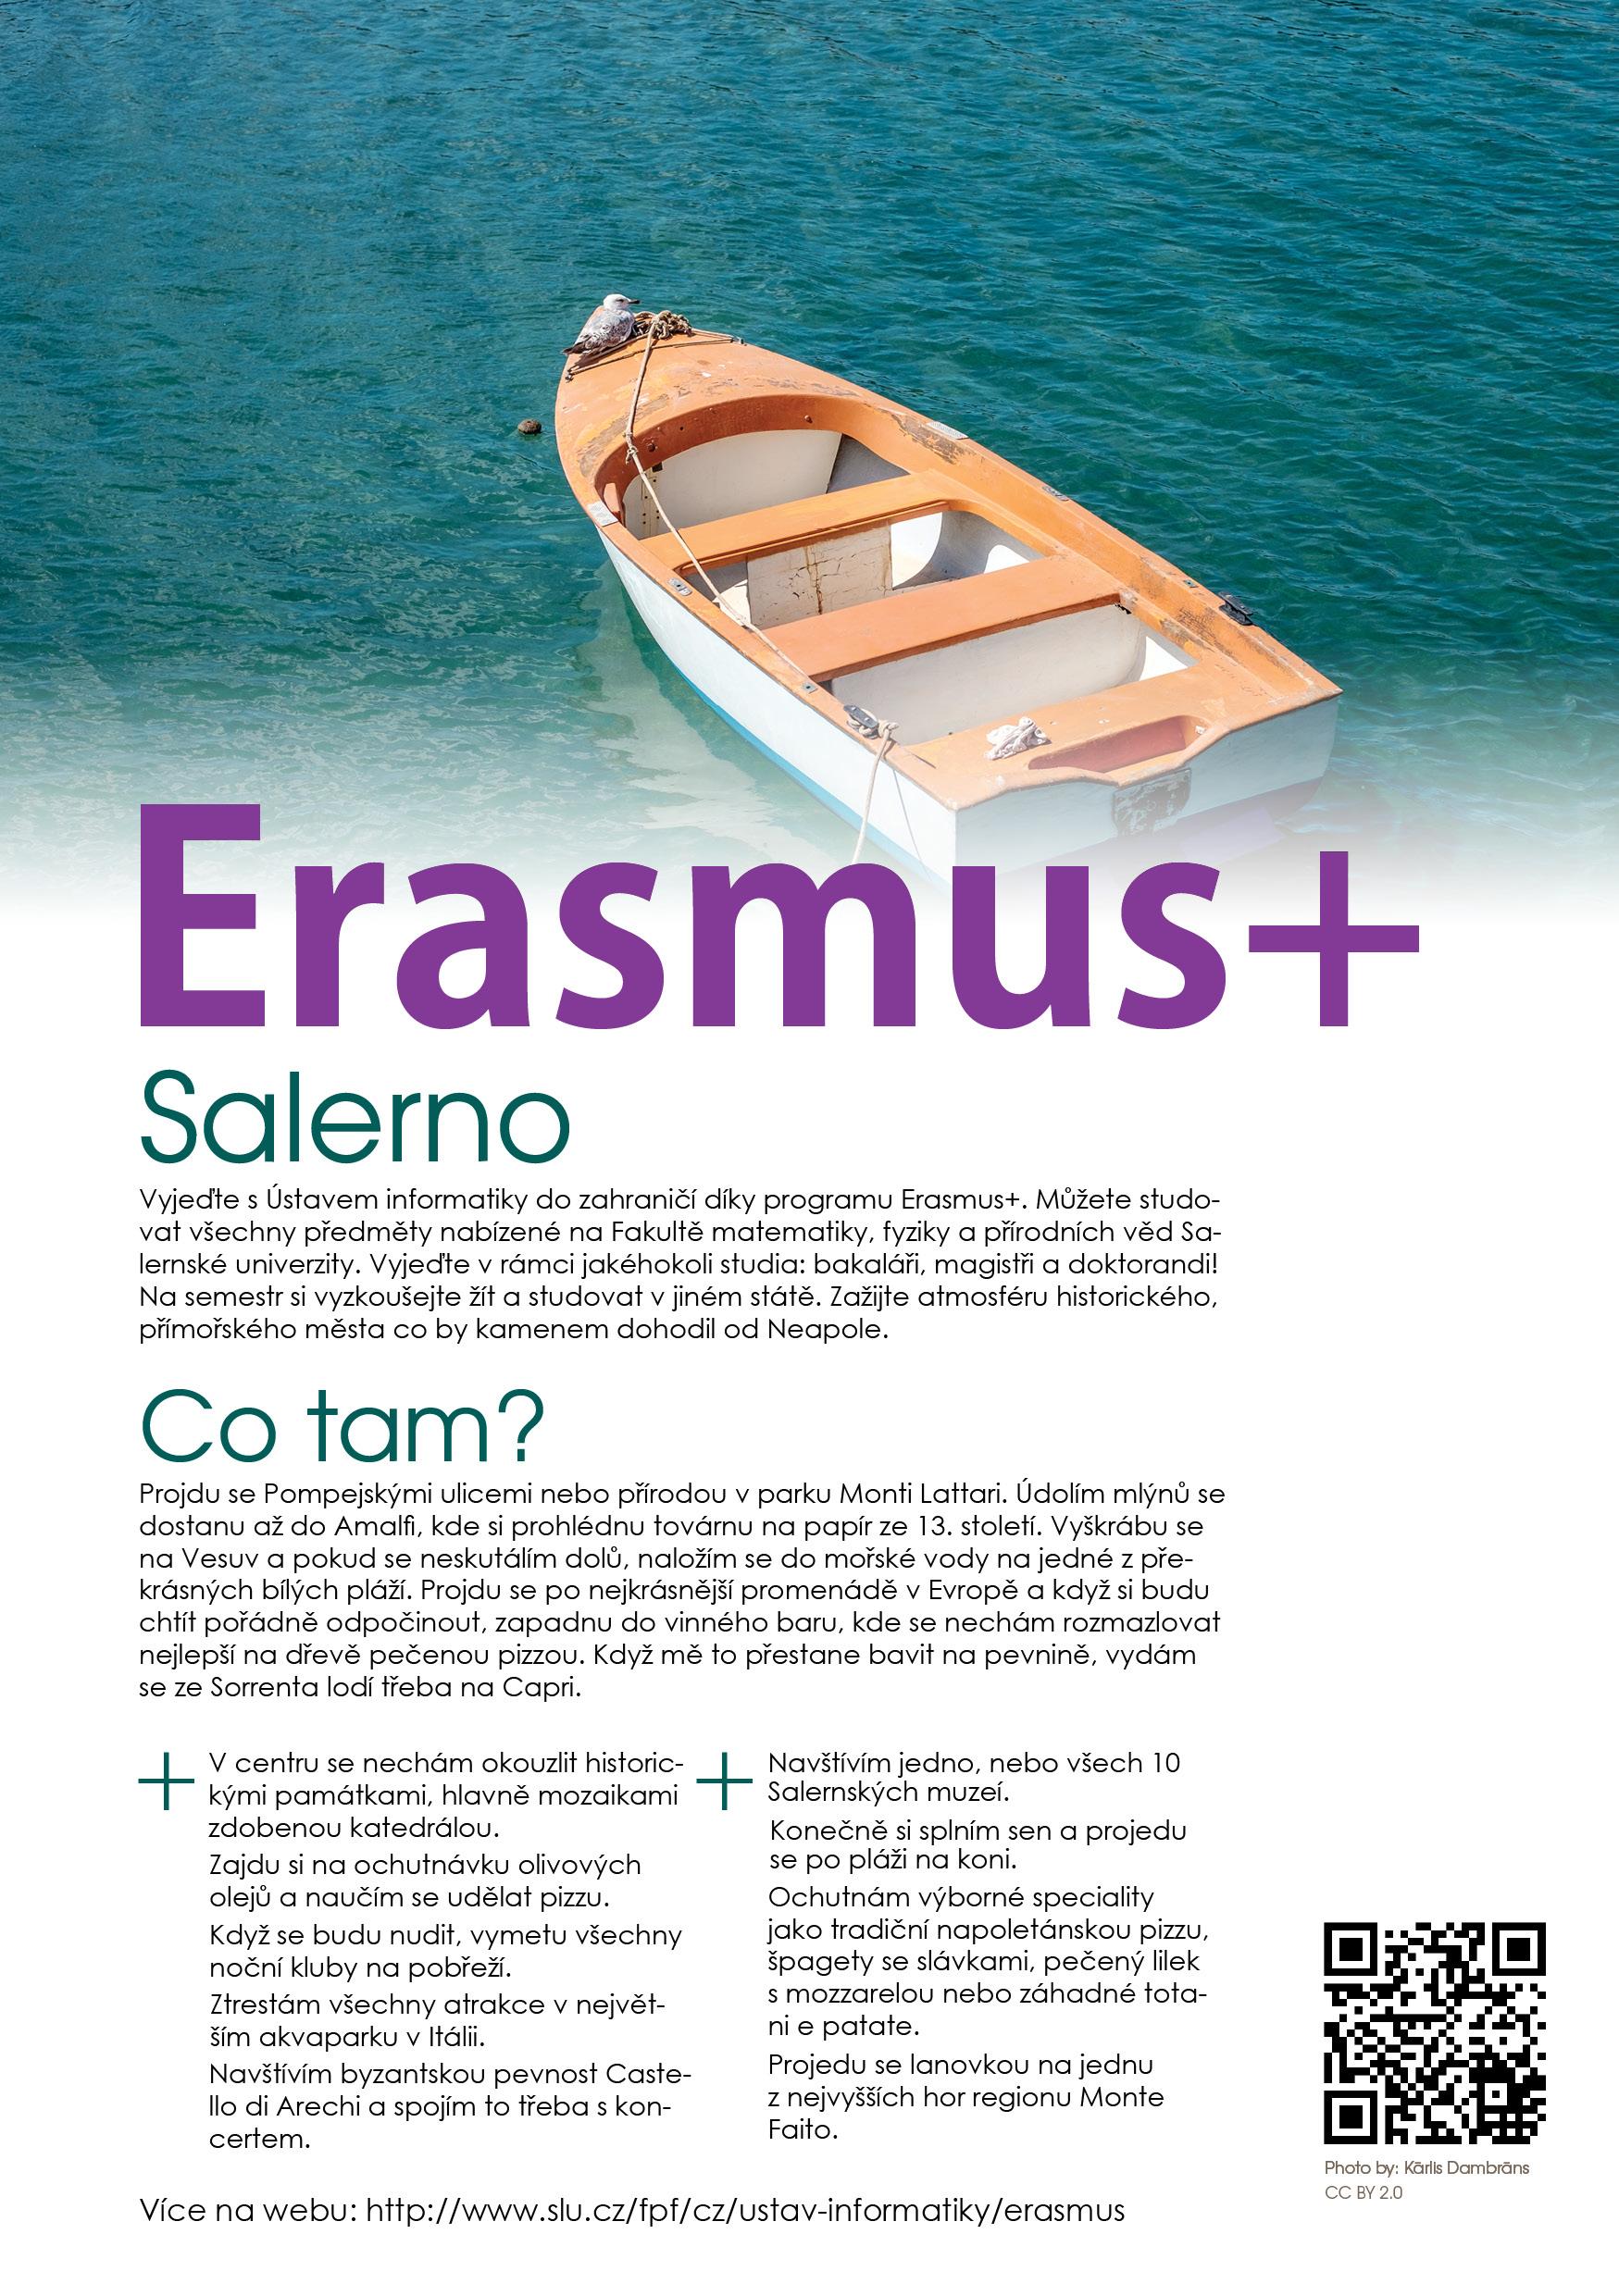 Erasmus - Salerno